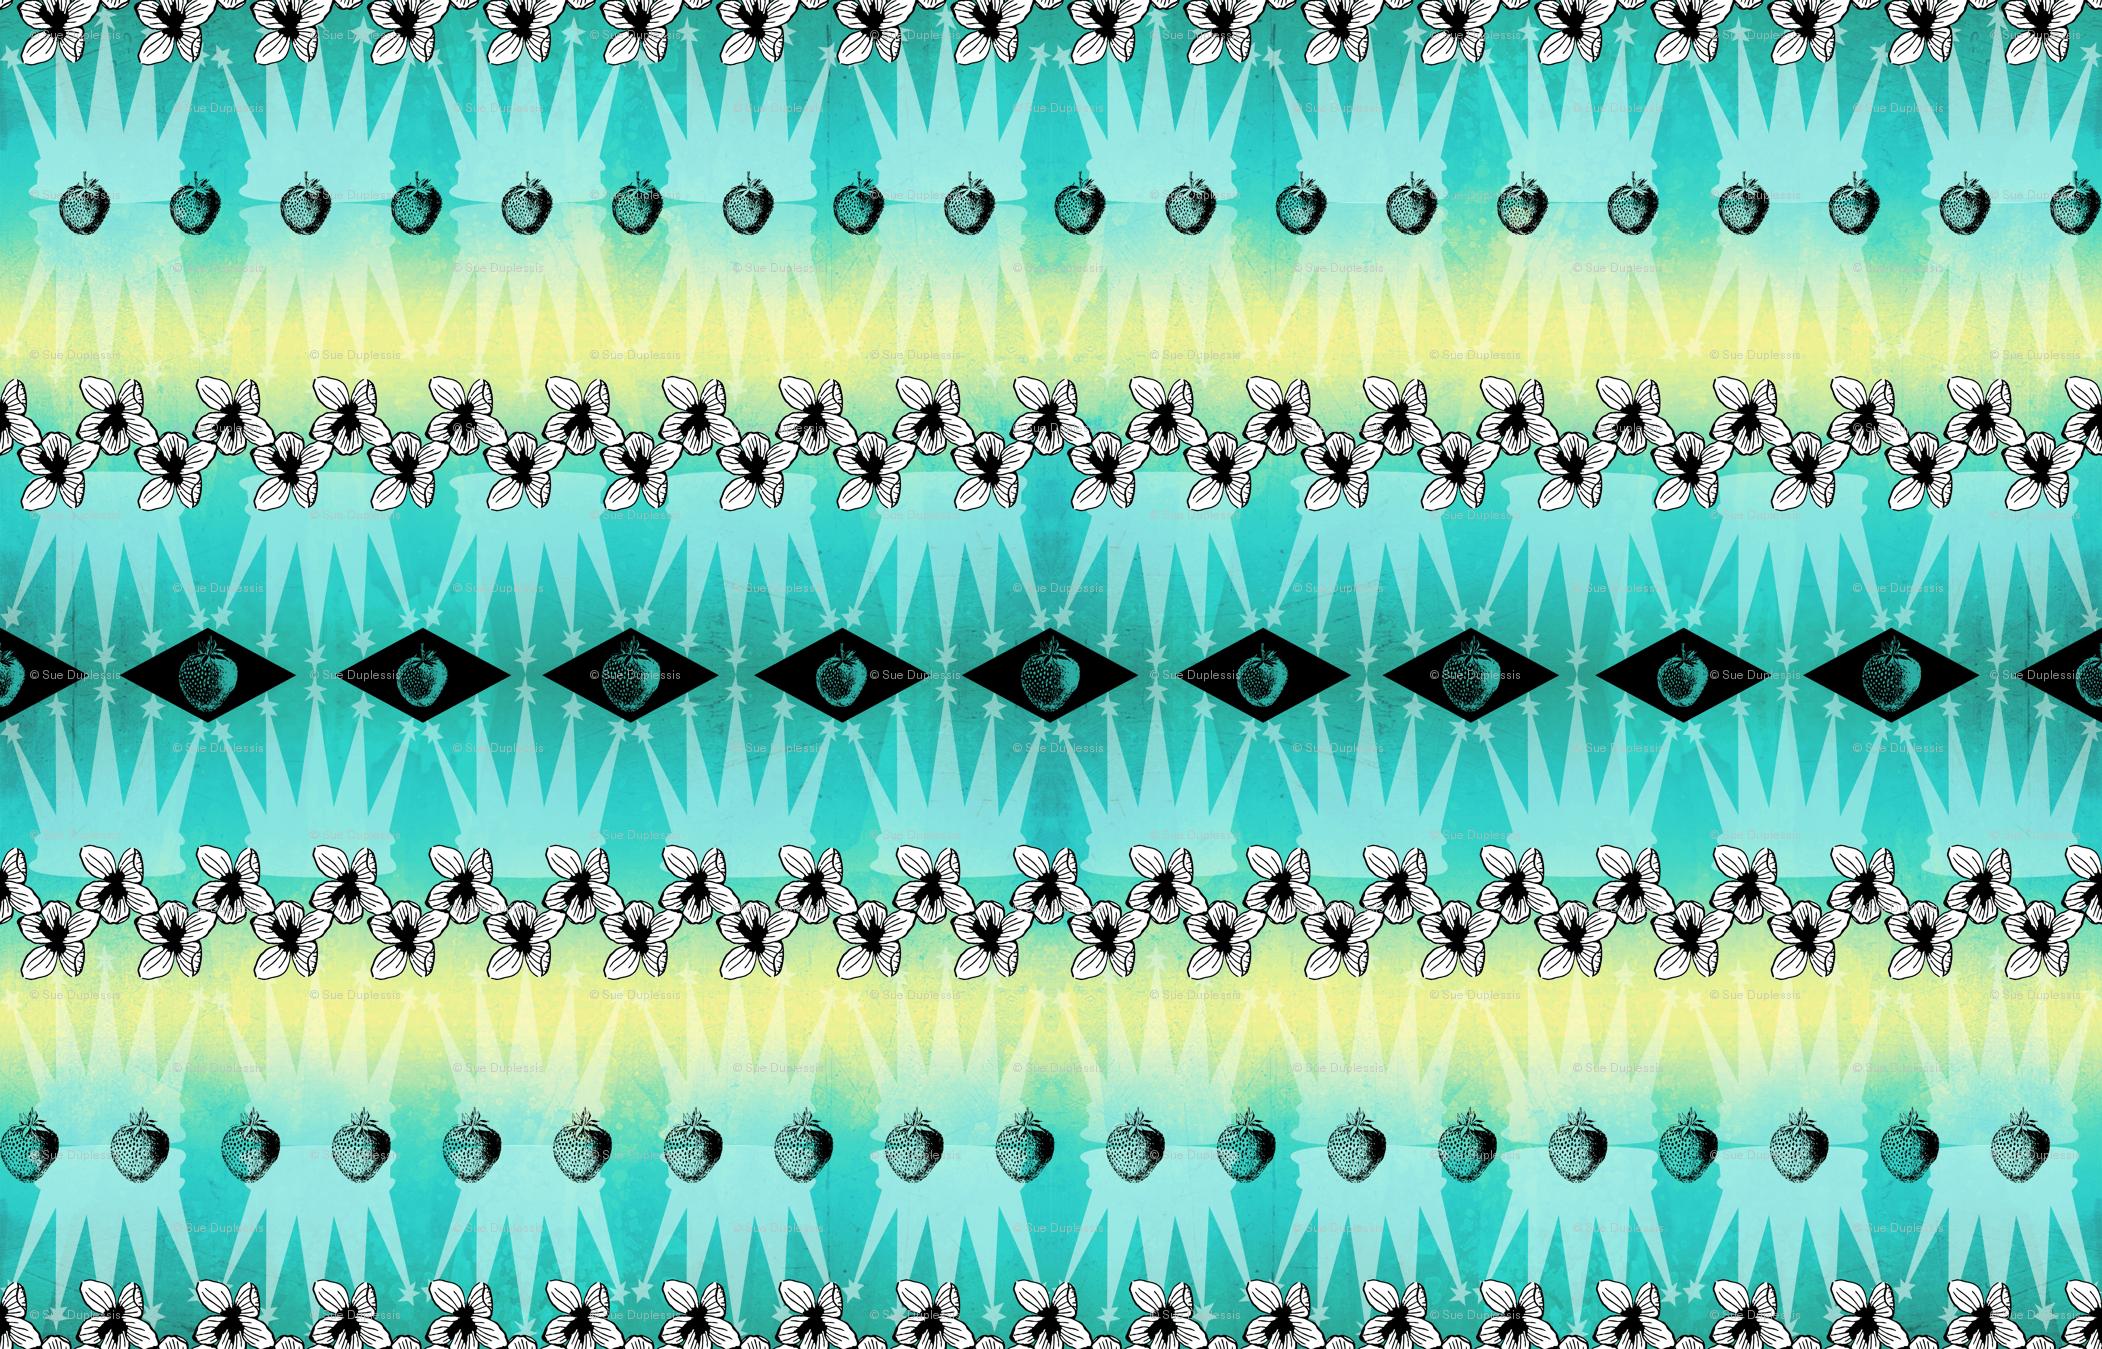 Arrow Tribal Pattern Wallpapers Top Free Arrow Tribal Pattern